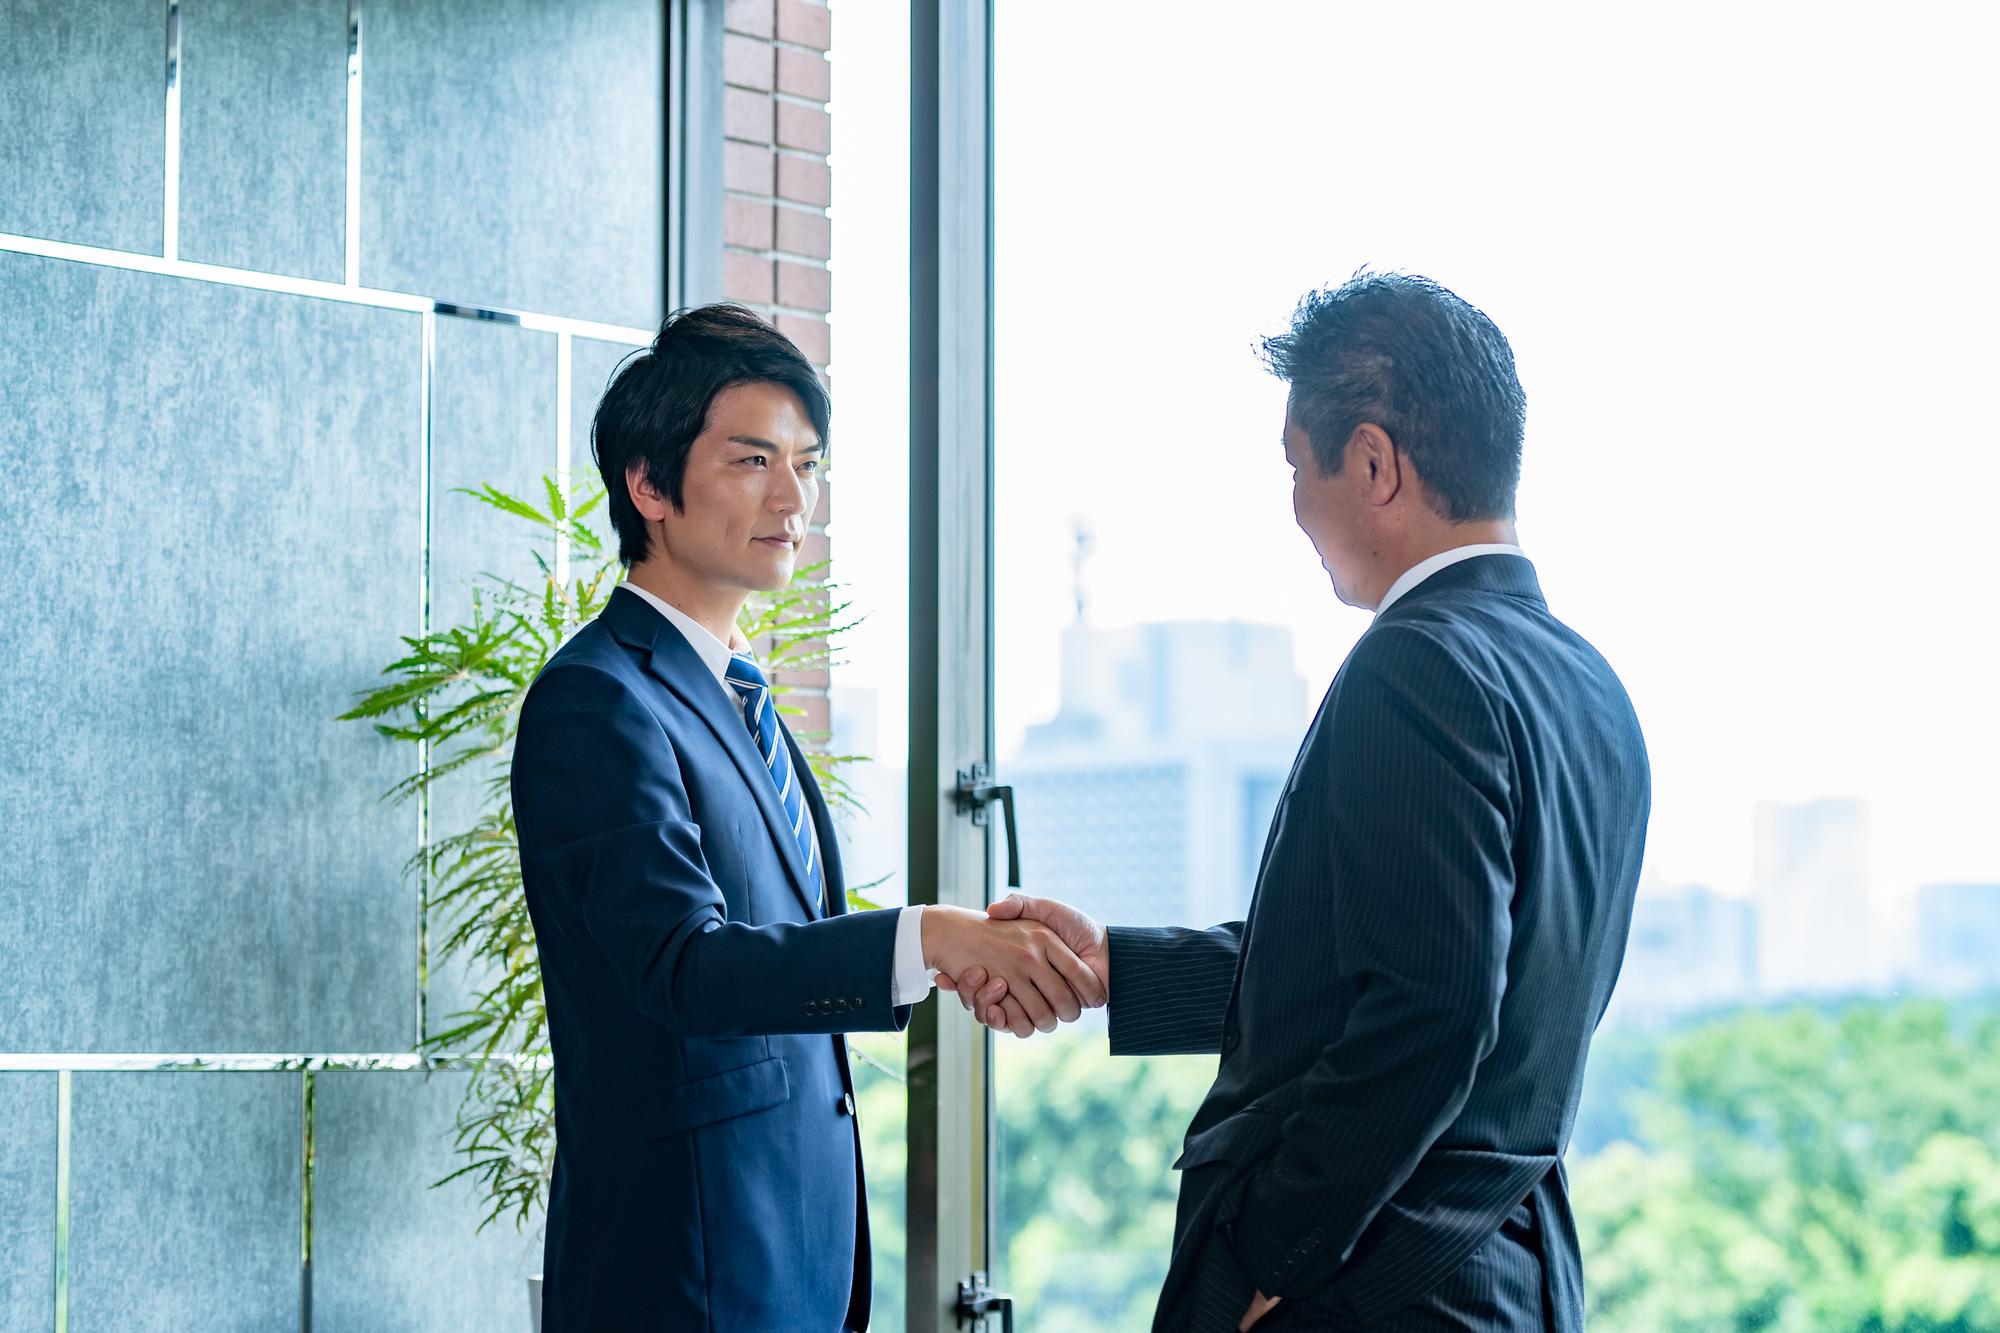 キャリアアップ助成金の具体的な条件について